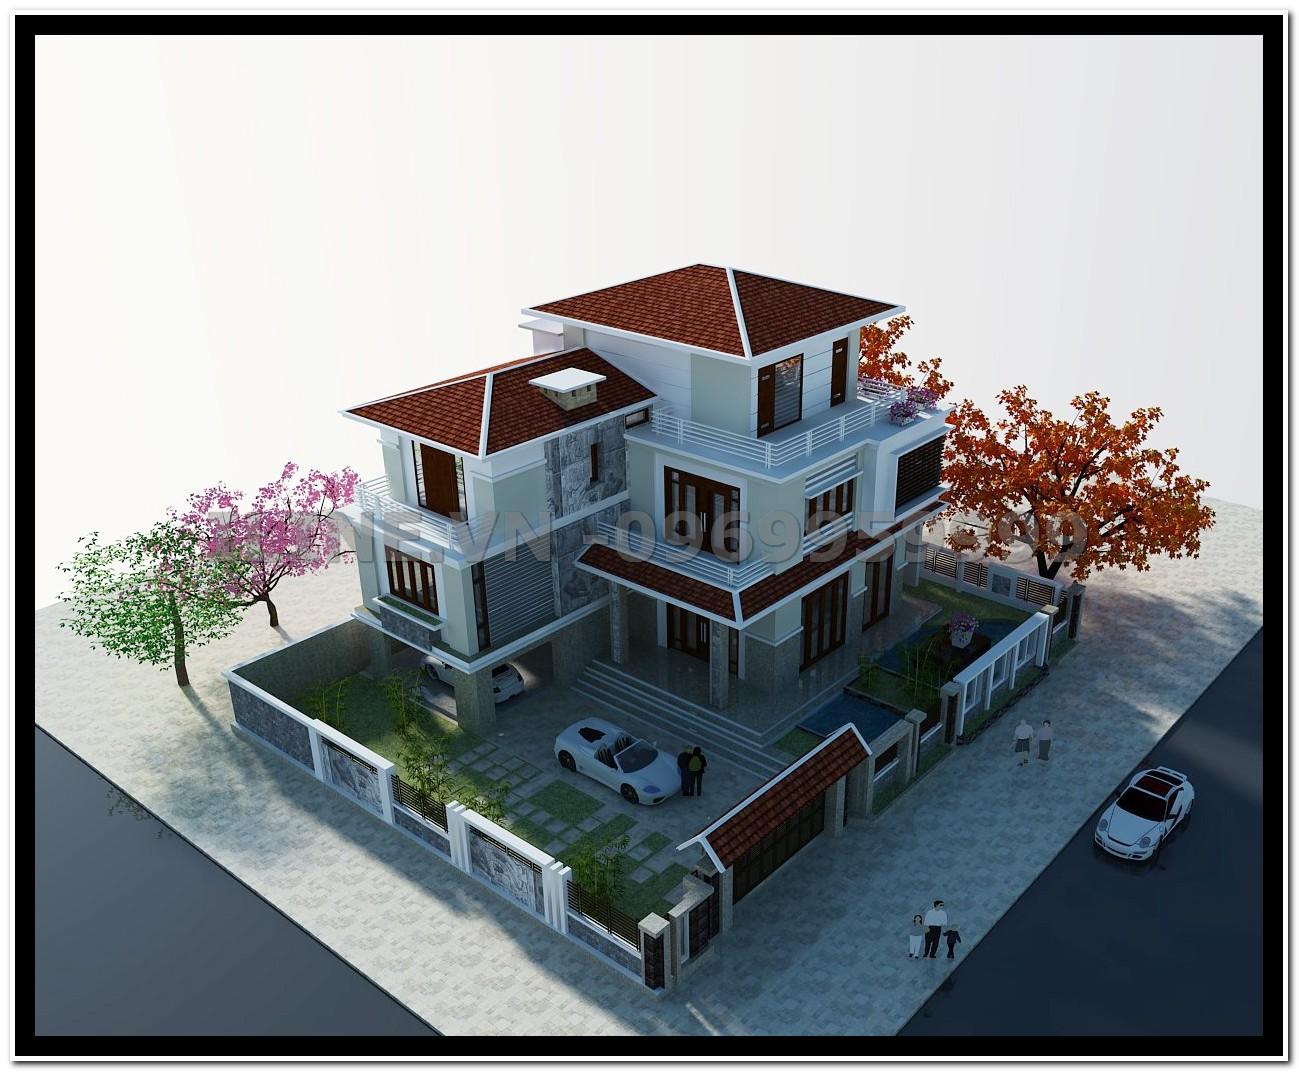 Biệt thự mái Nhật - Chú Vi - Hạ Long - 2012